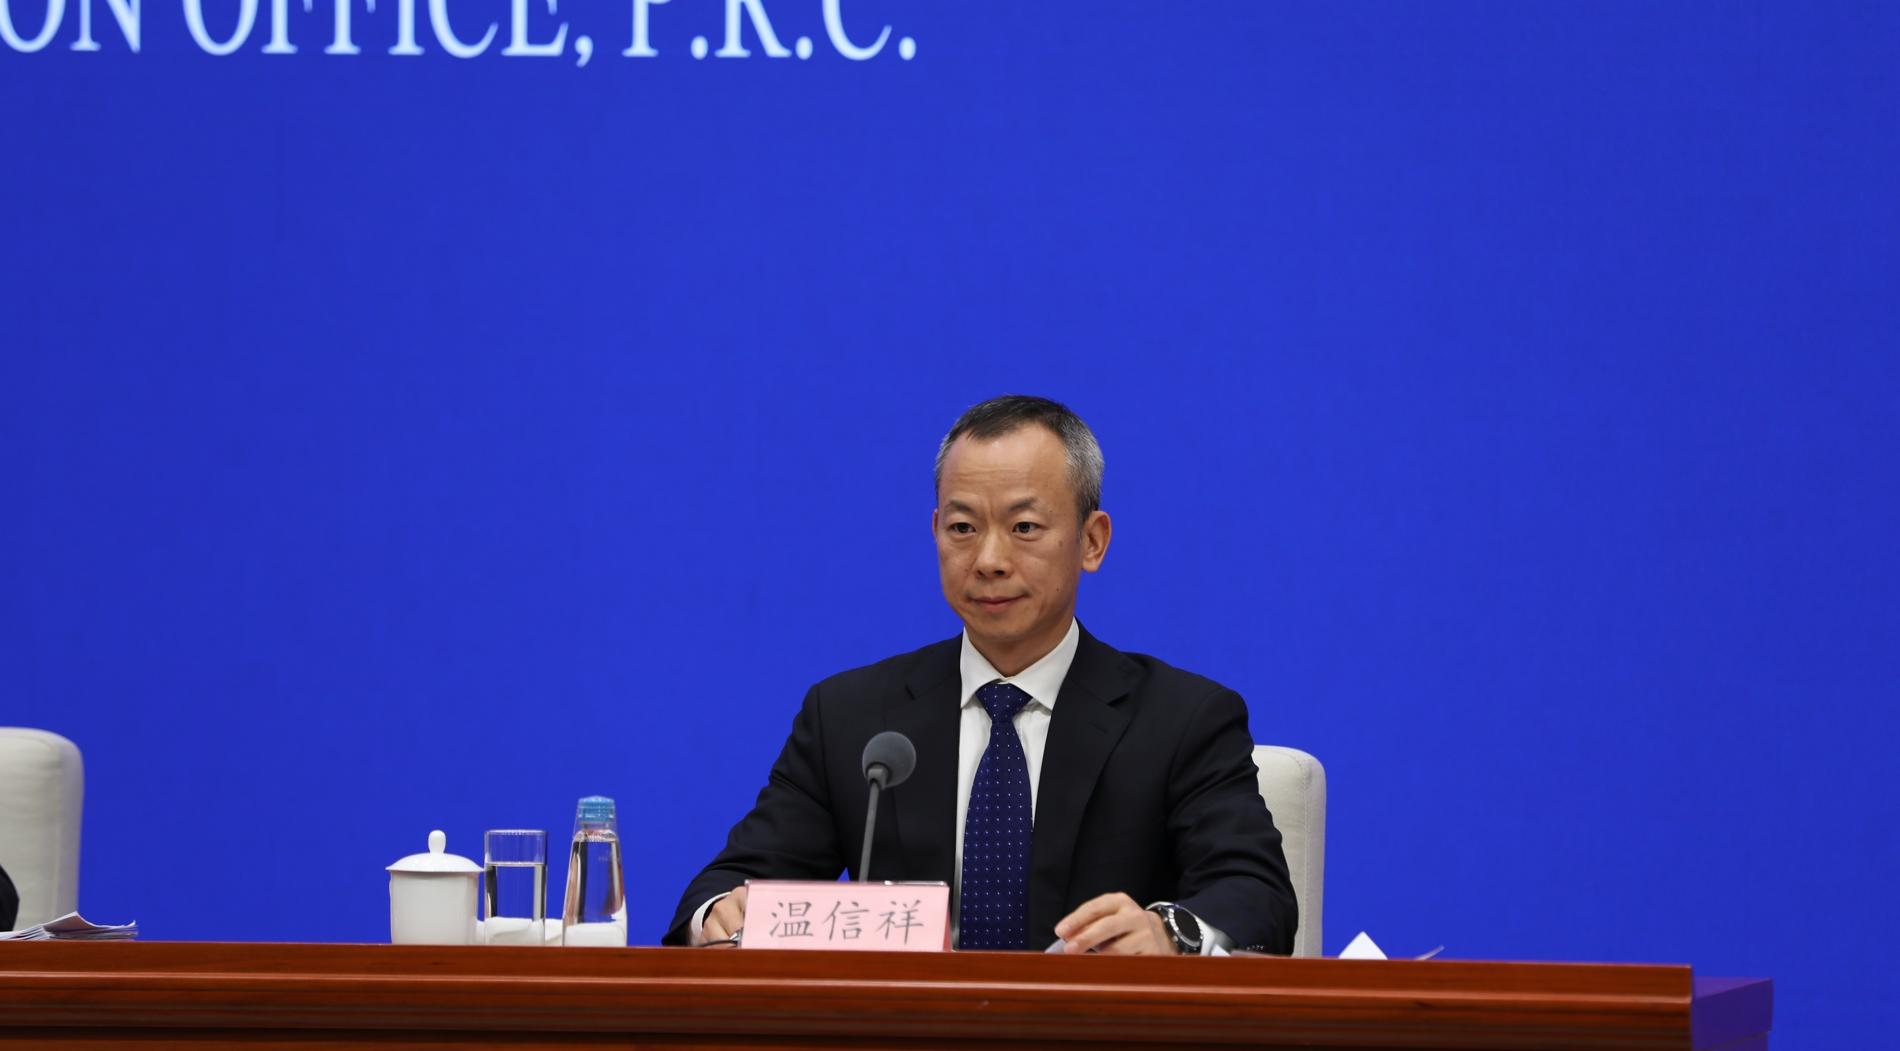 中國央行官員開砲:虛擬貨幣給支付體系帶來3大挑戰,易成違法洗錢工具